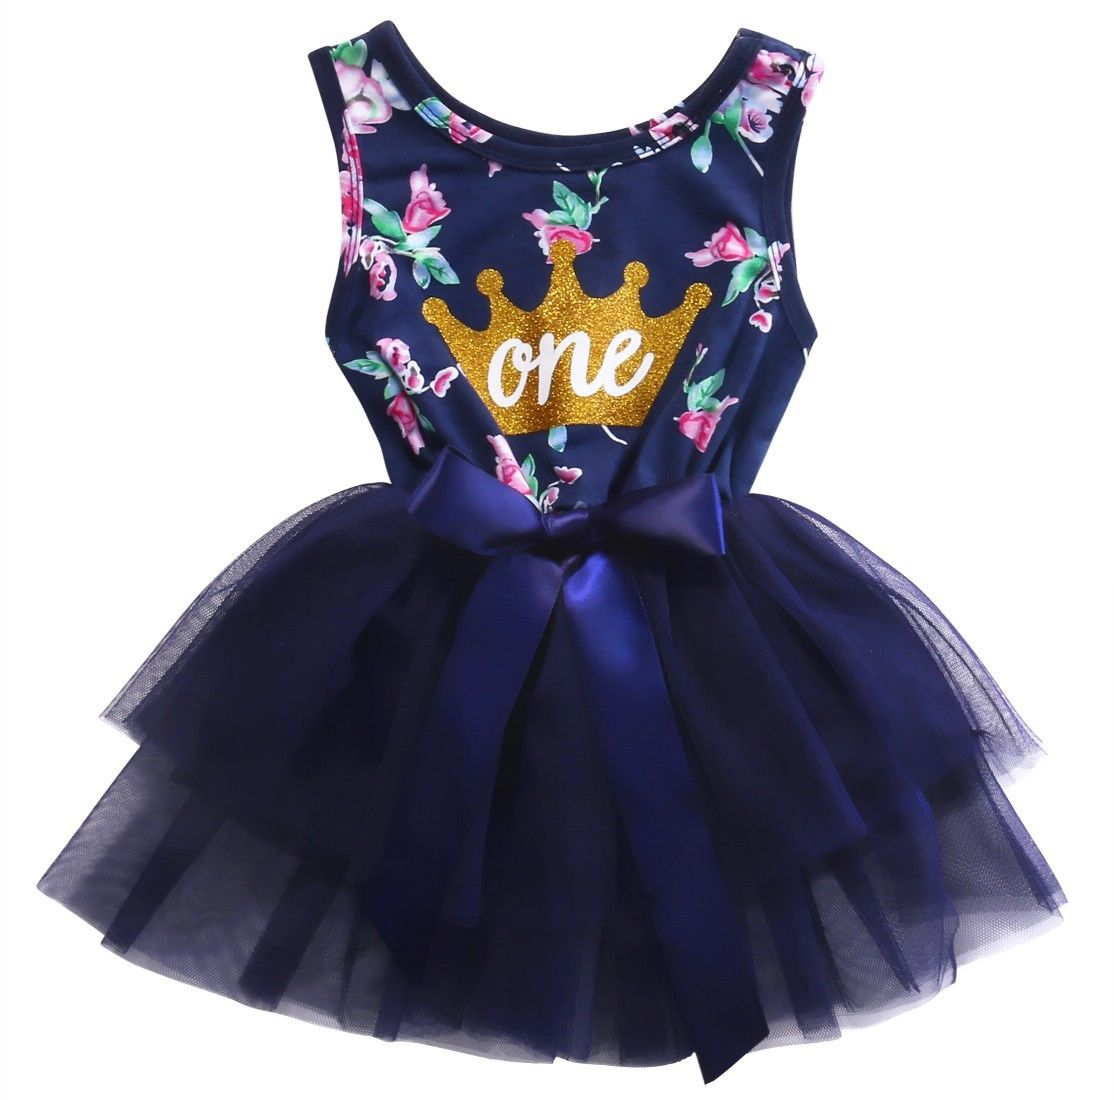 0-2 T Kind Mädchen Prinzessin Baby Dress Infant Baby Mädchen Kleidung Lila Blumen Crown Print Tutu Ballkleid Kleider Attraktive Designs;